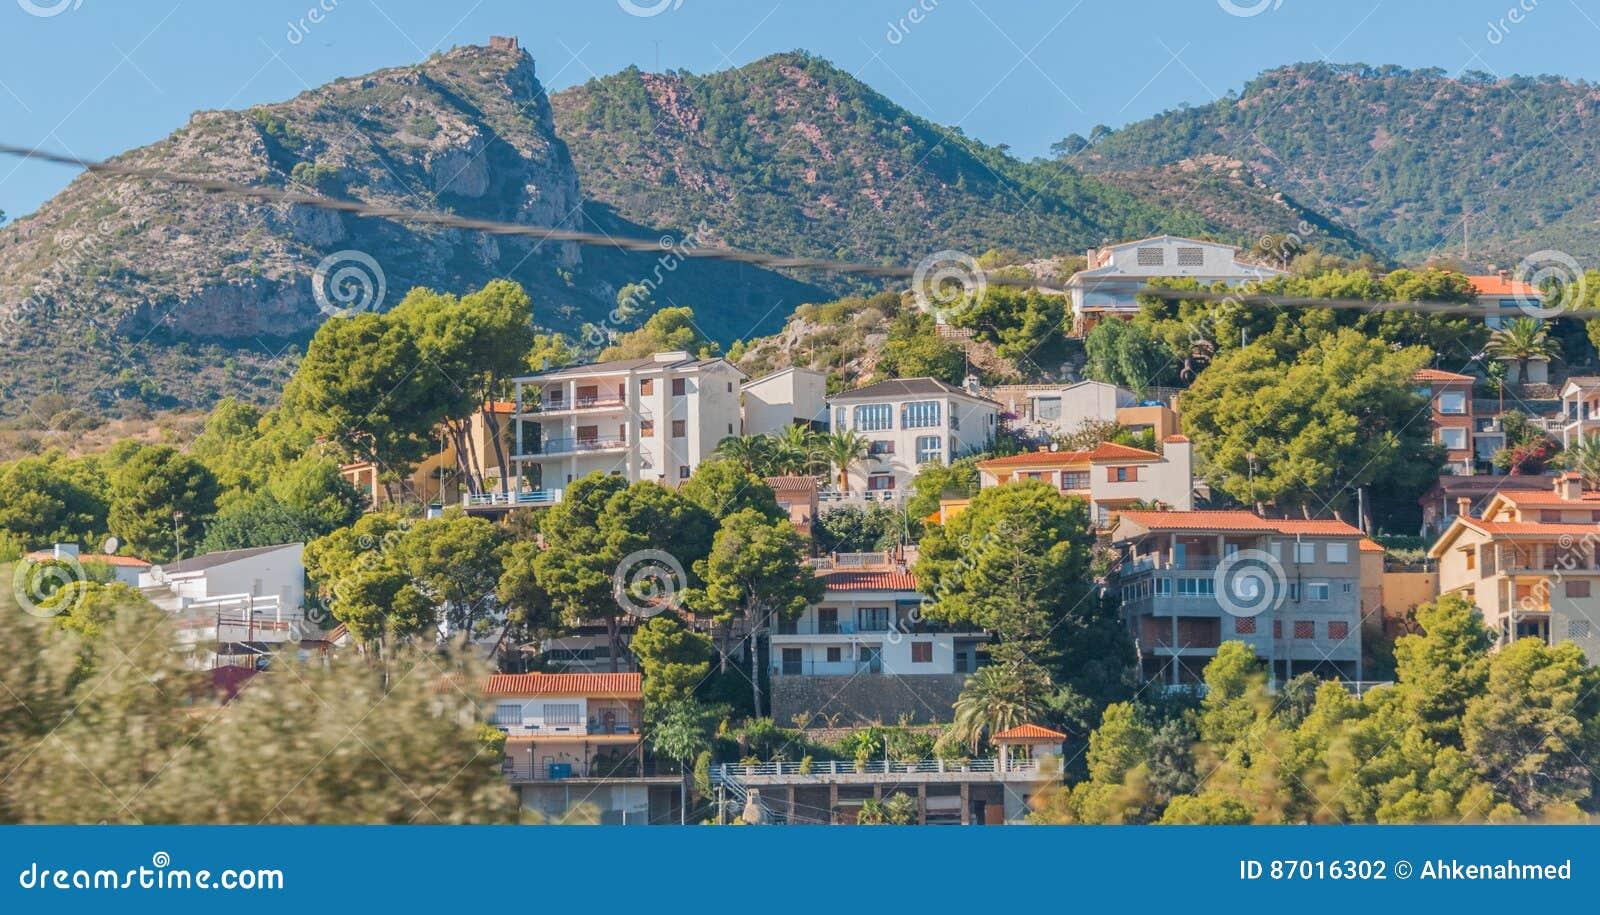 Rustieke & ruwe maar mooie het leven plaatsen in landelijk Spanje Huizen in de heuvels & de bergen van landelijk Spanje